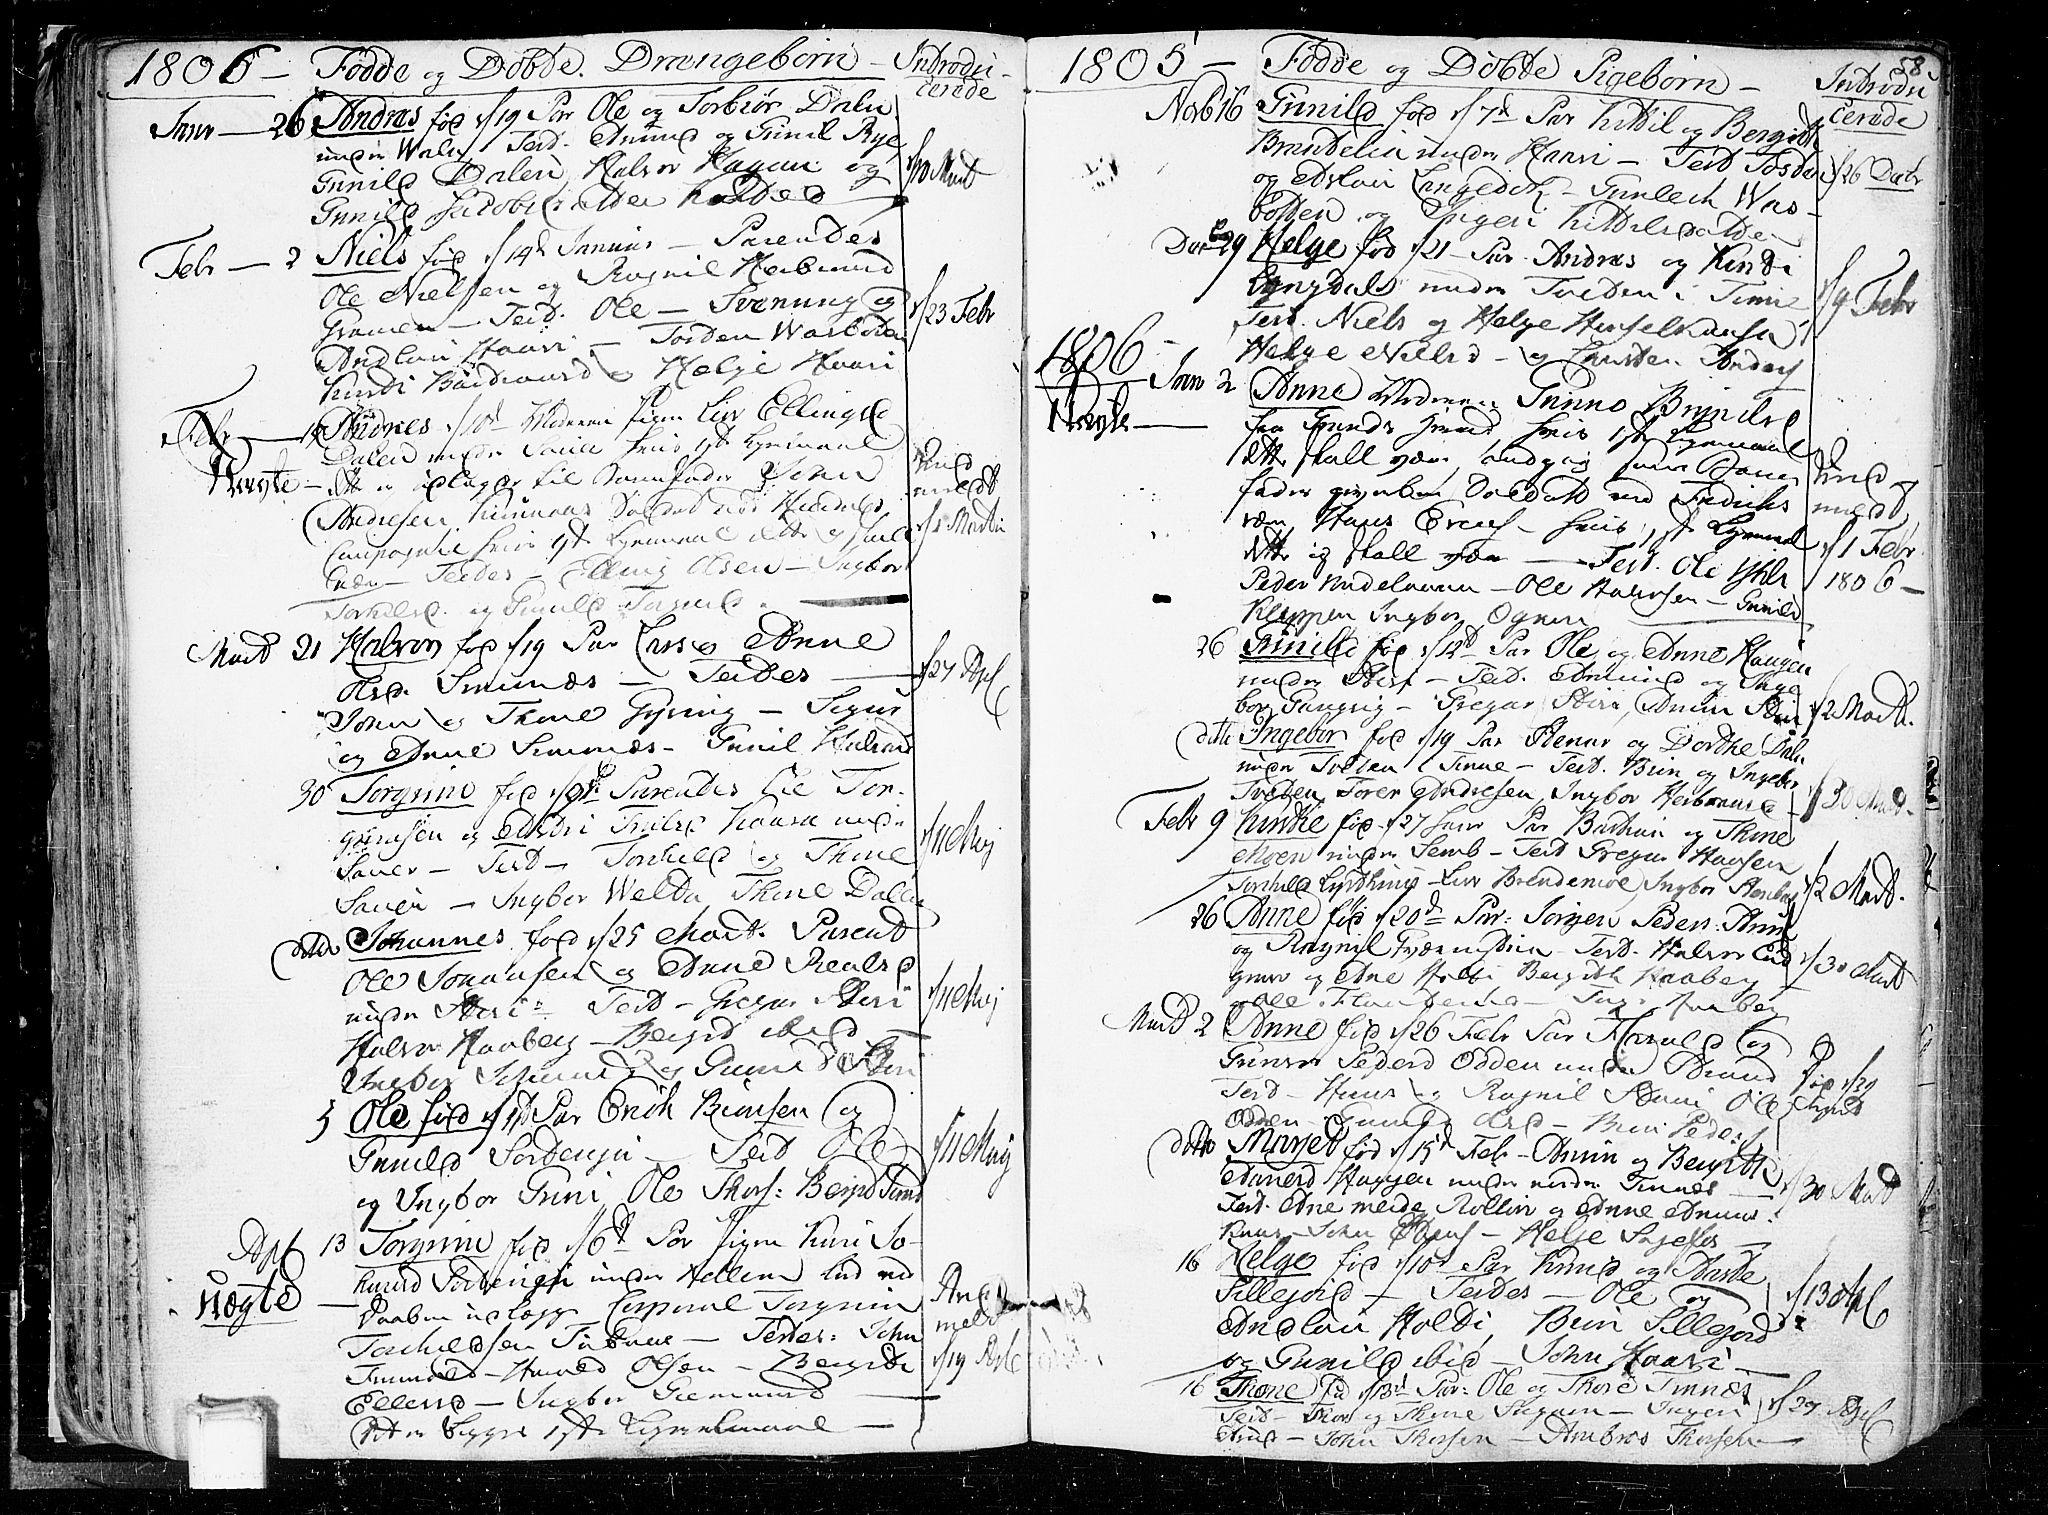 SAKO, Heddal kirkebøker, F/Fa/L0004: Ministerialbok nr. I 4, 1784-1814, s. 58